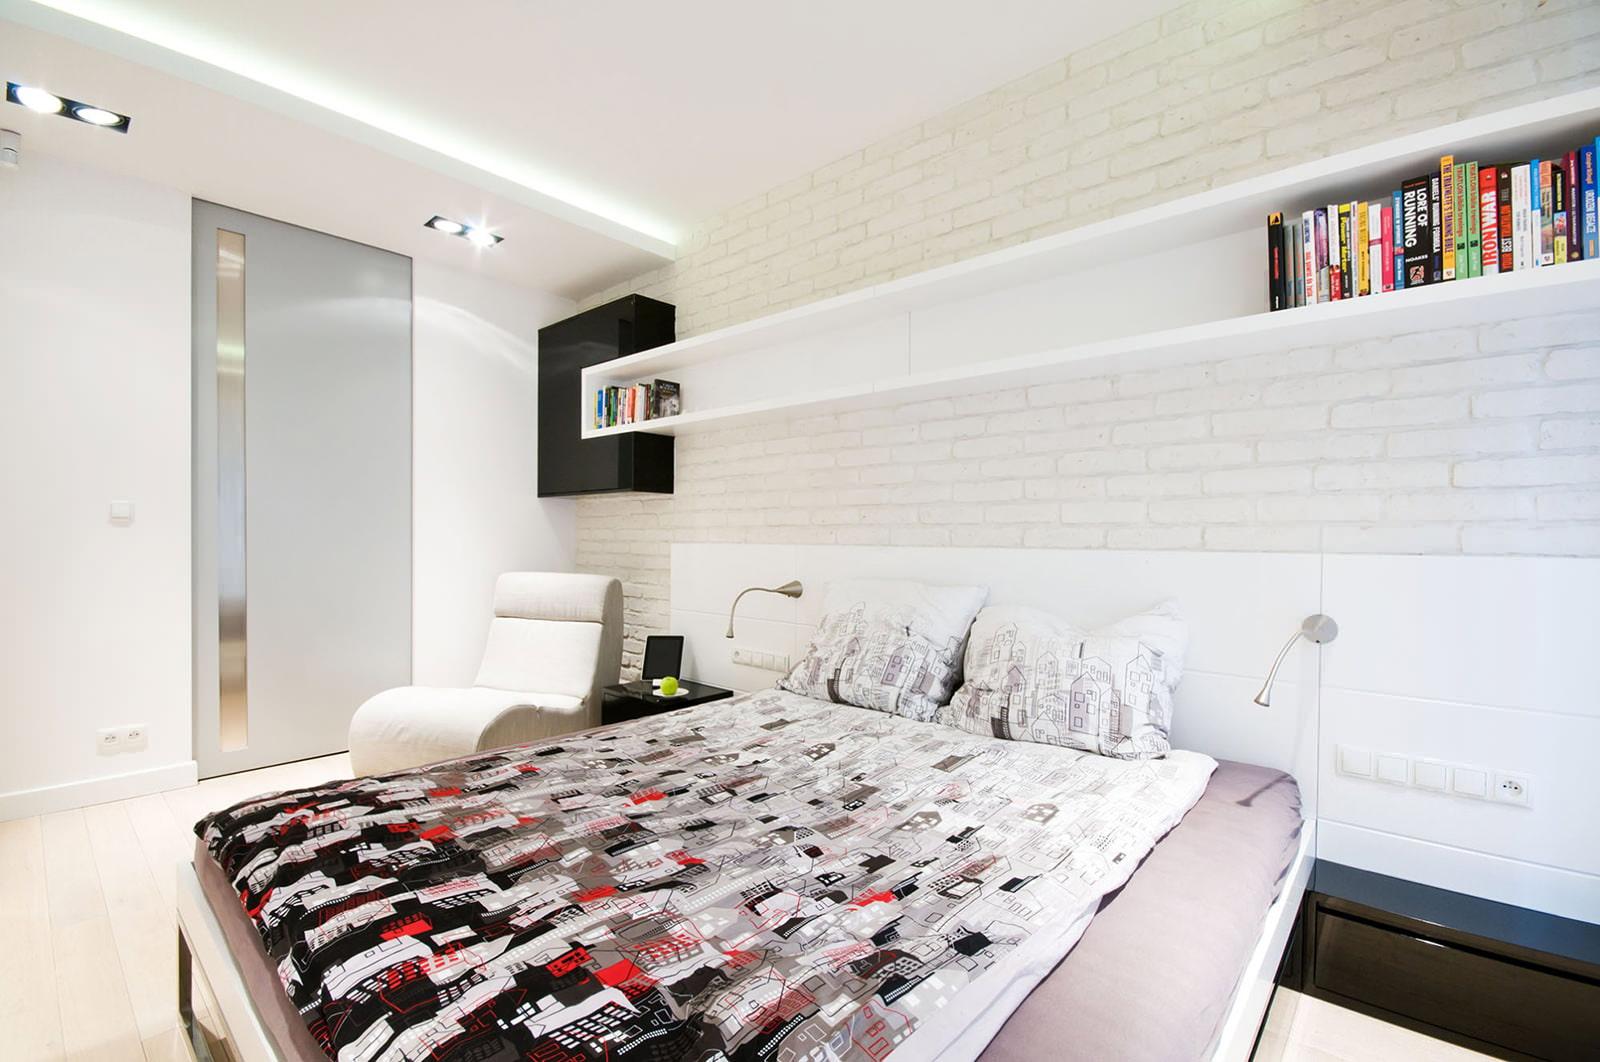 maçonnerie dans la conception d'idées d'appartement